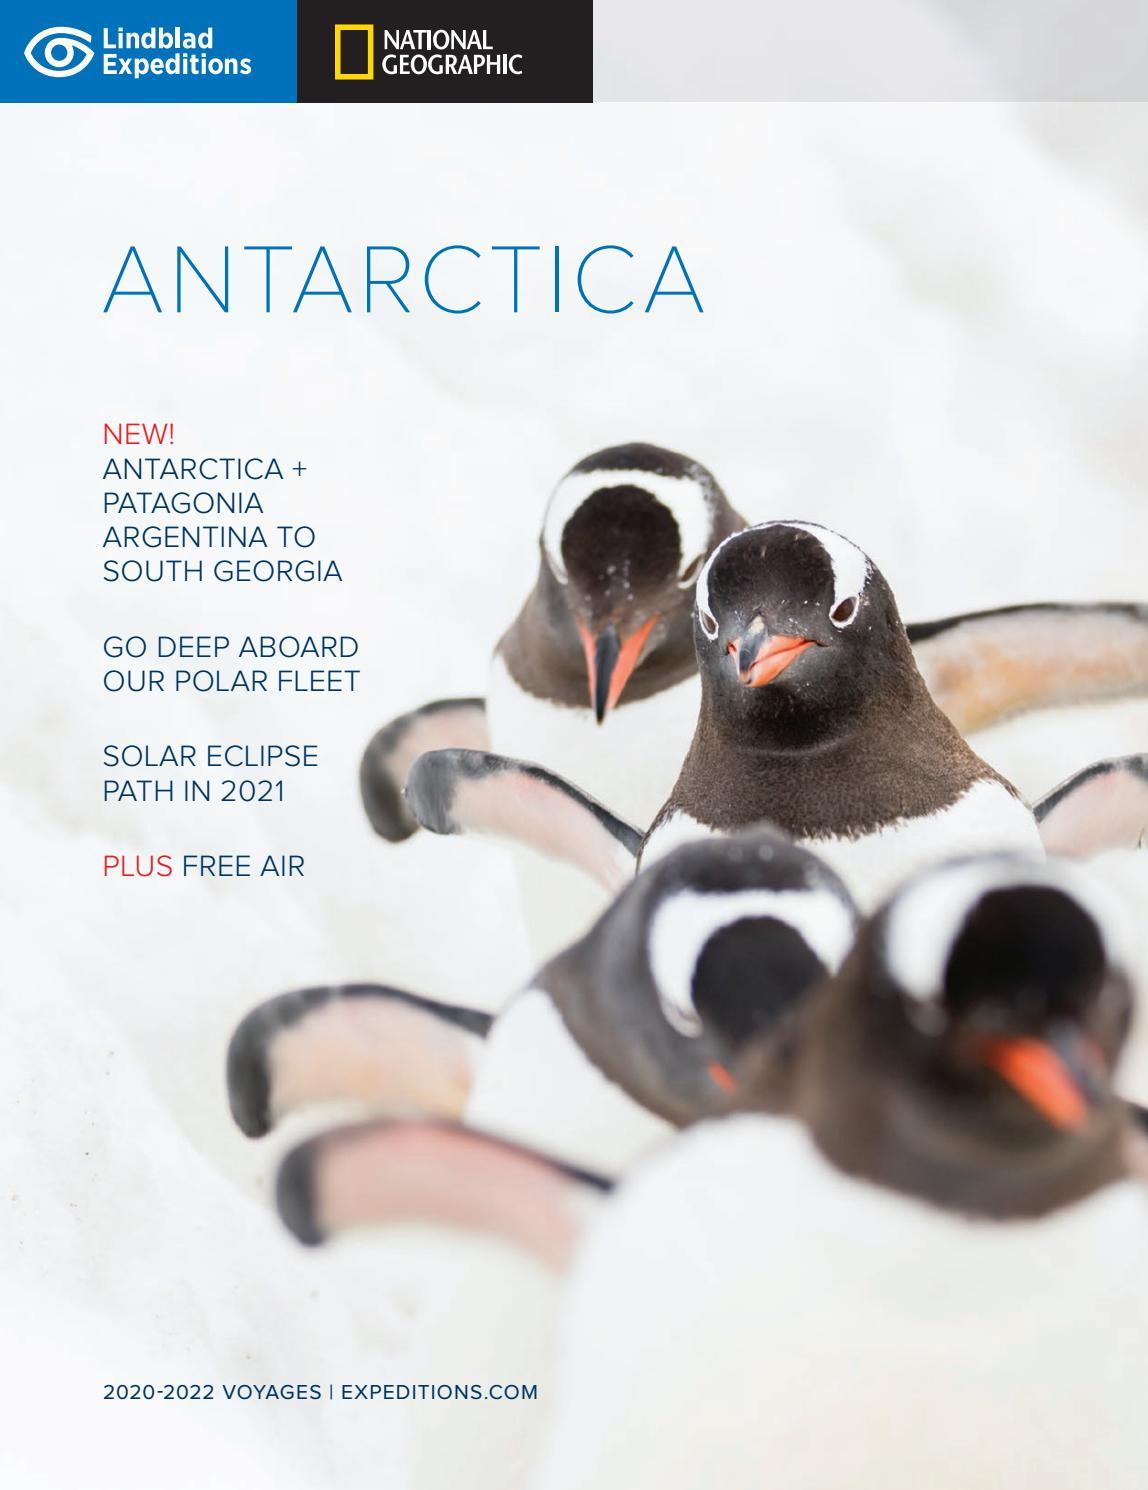 Lindblad Expeditions: Antarctica